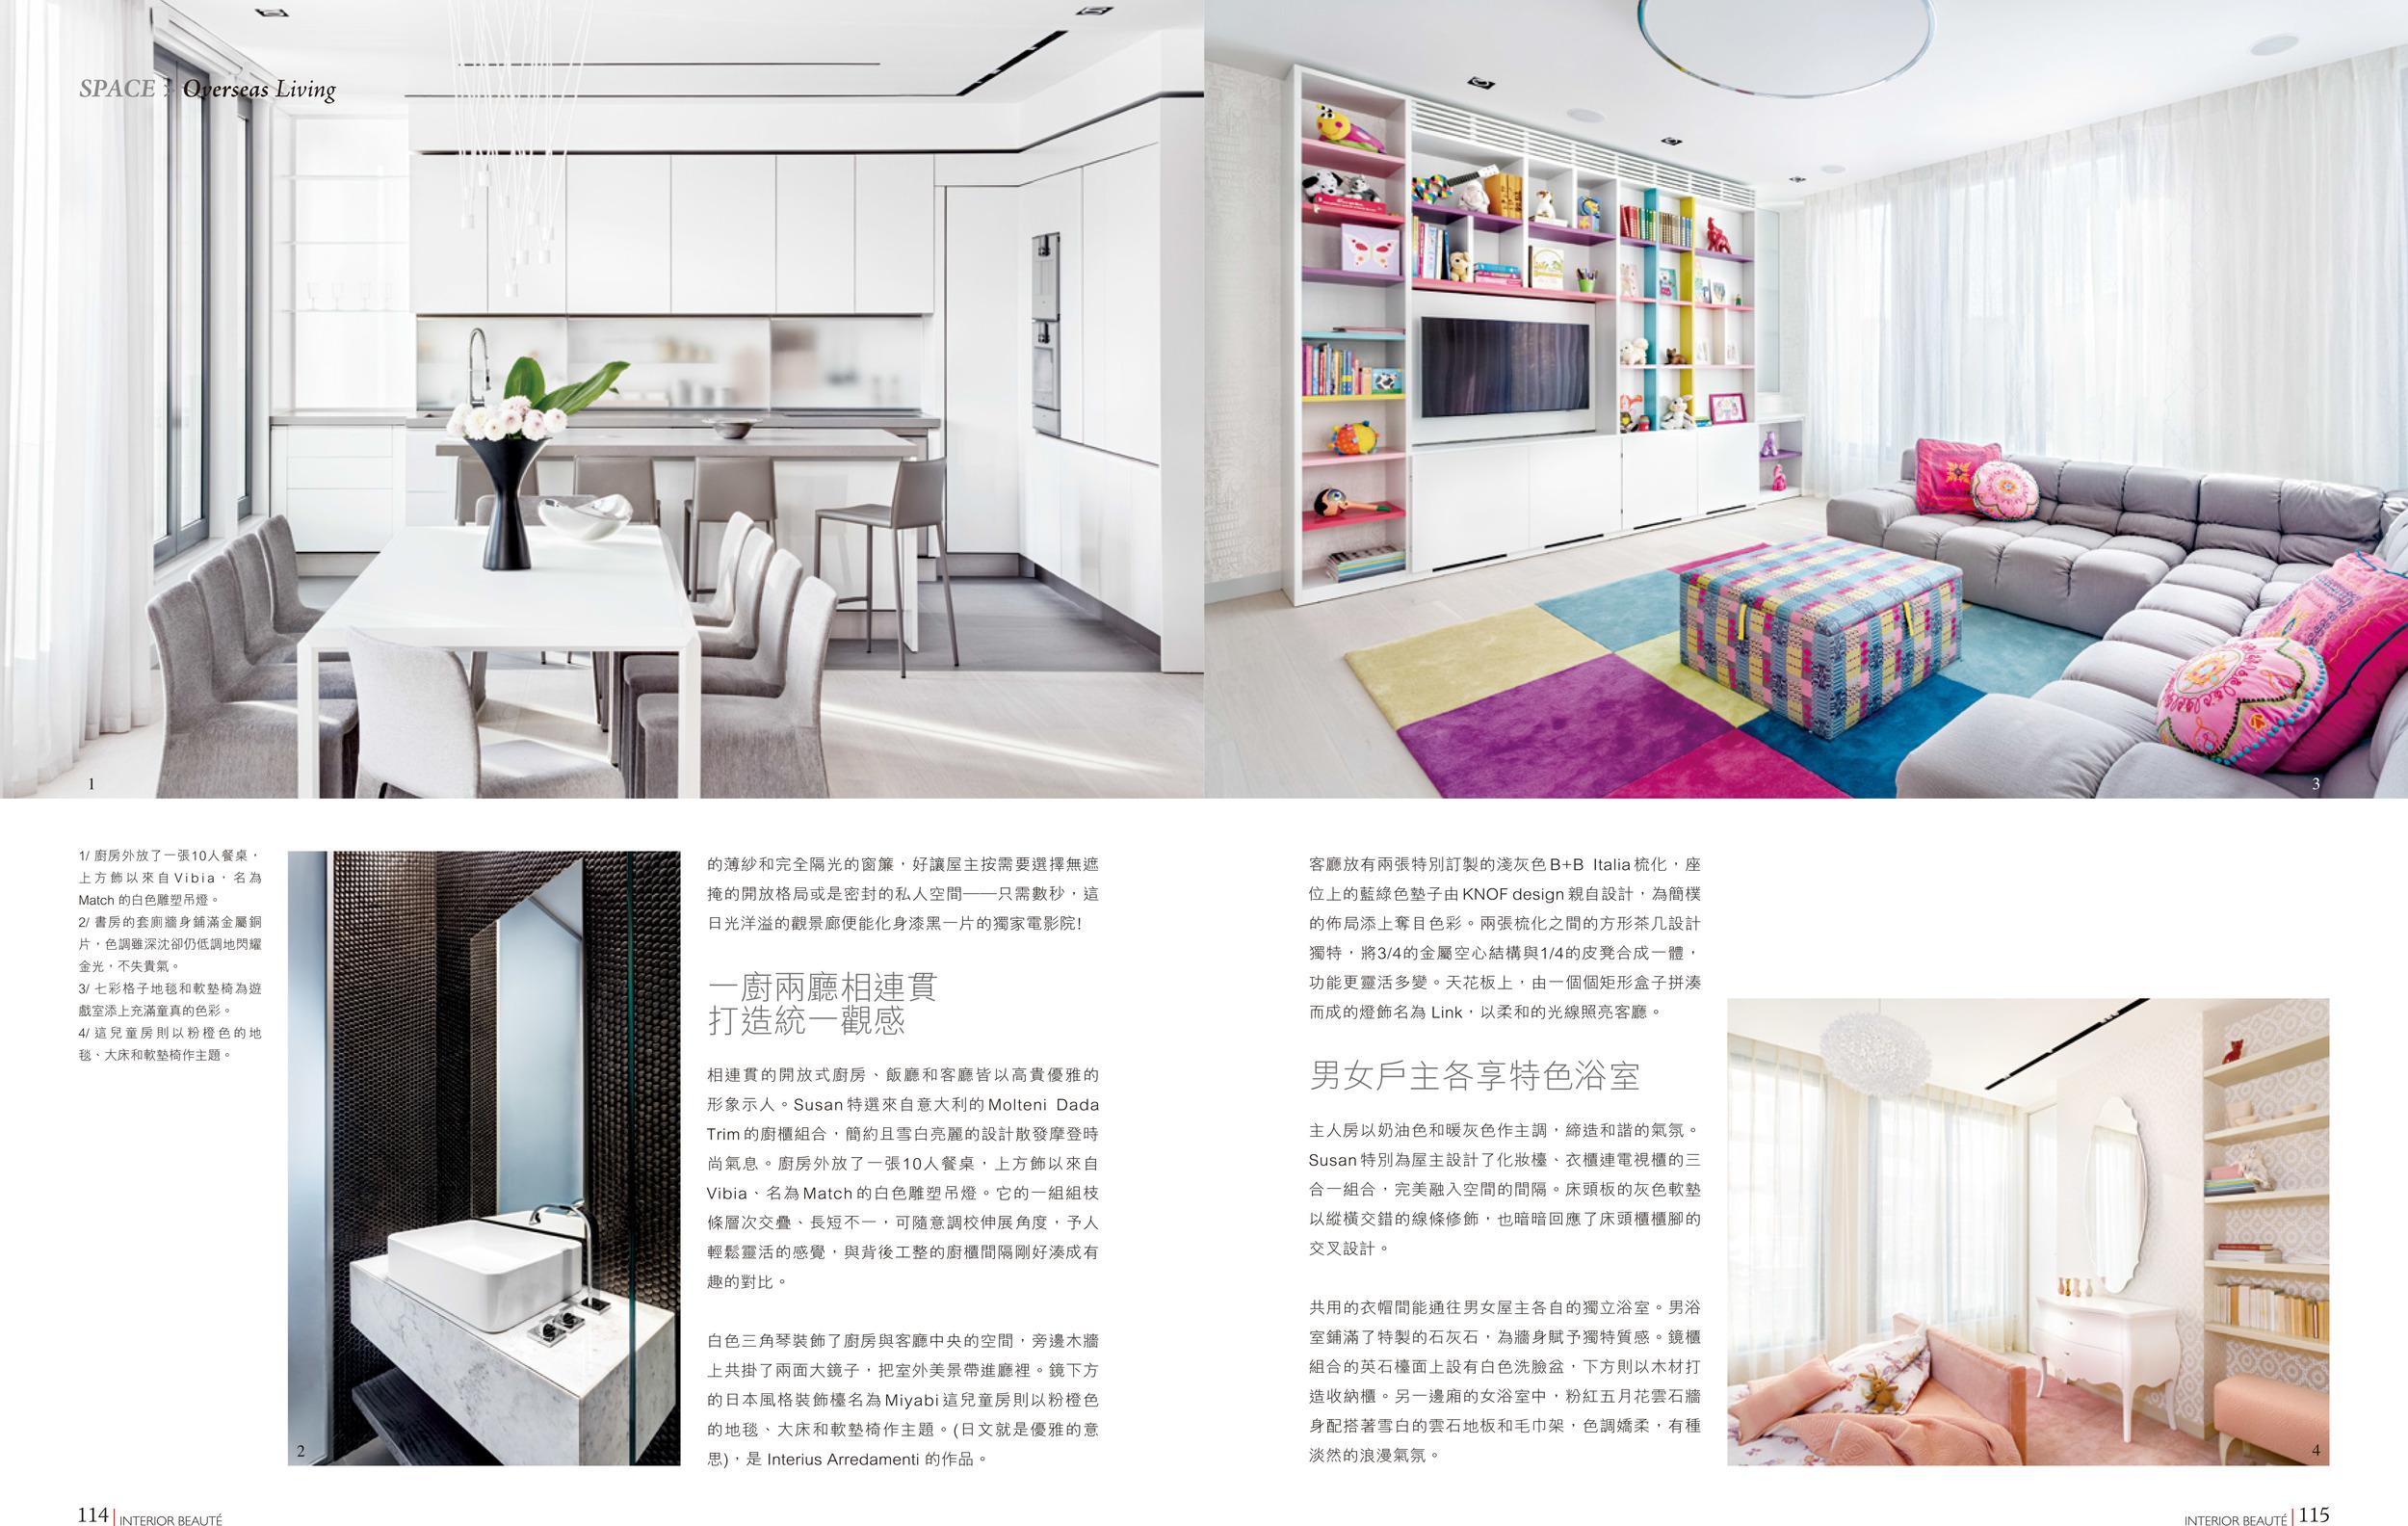 KNOF-Interior Beauté-China-Oct 15-p4